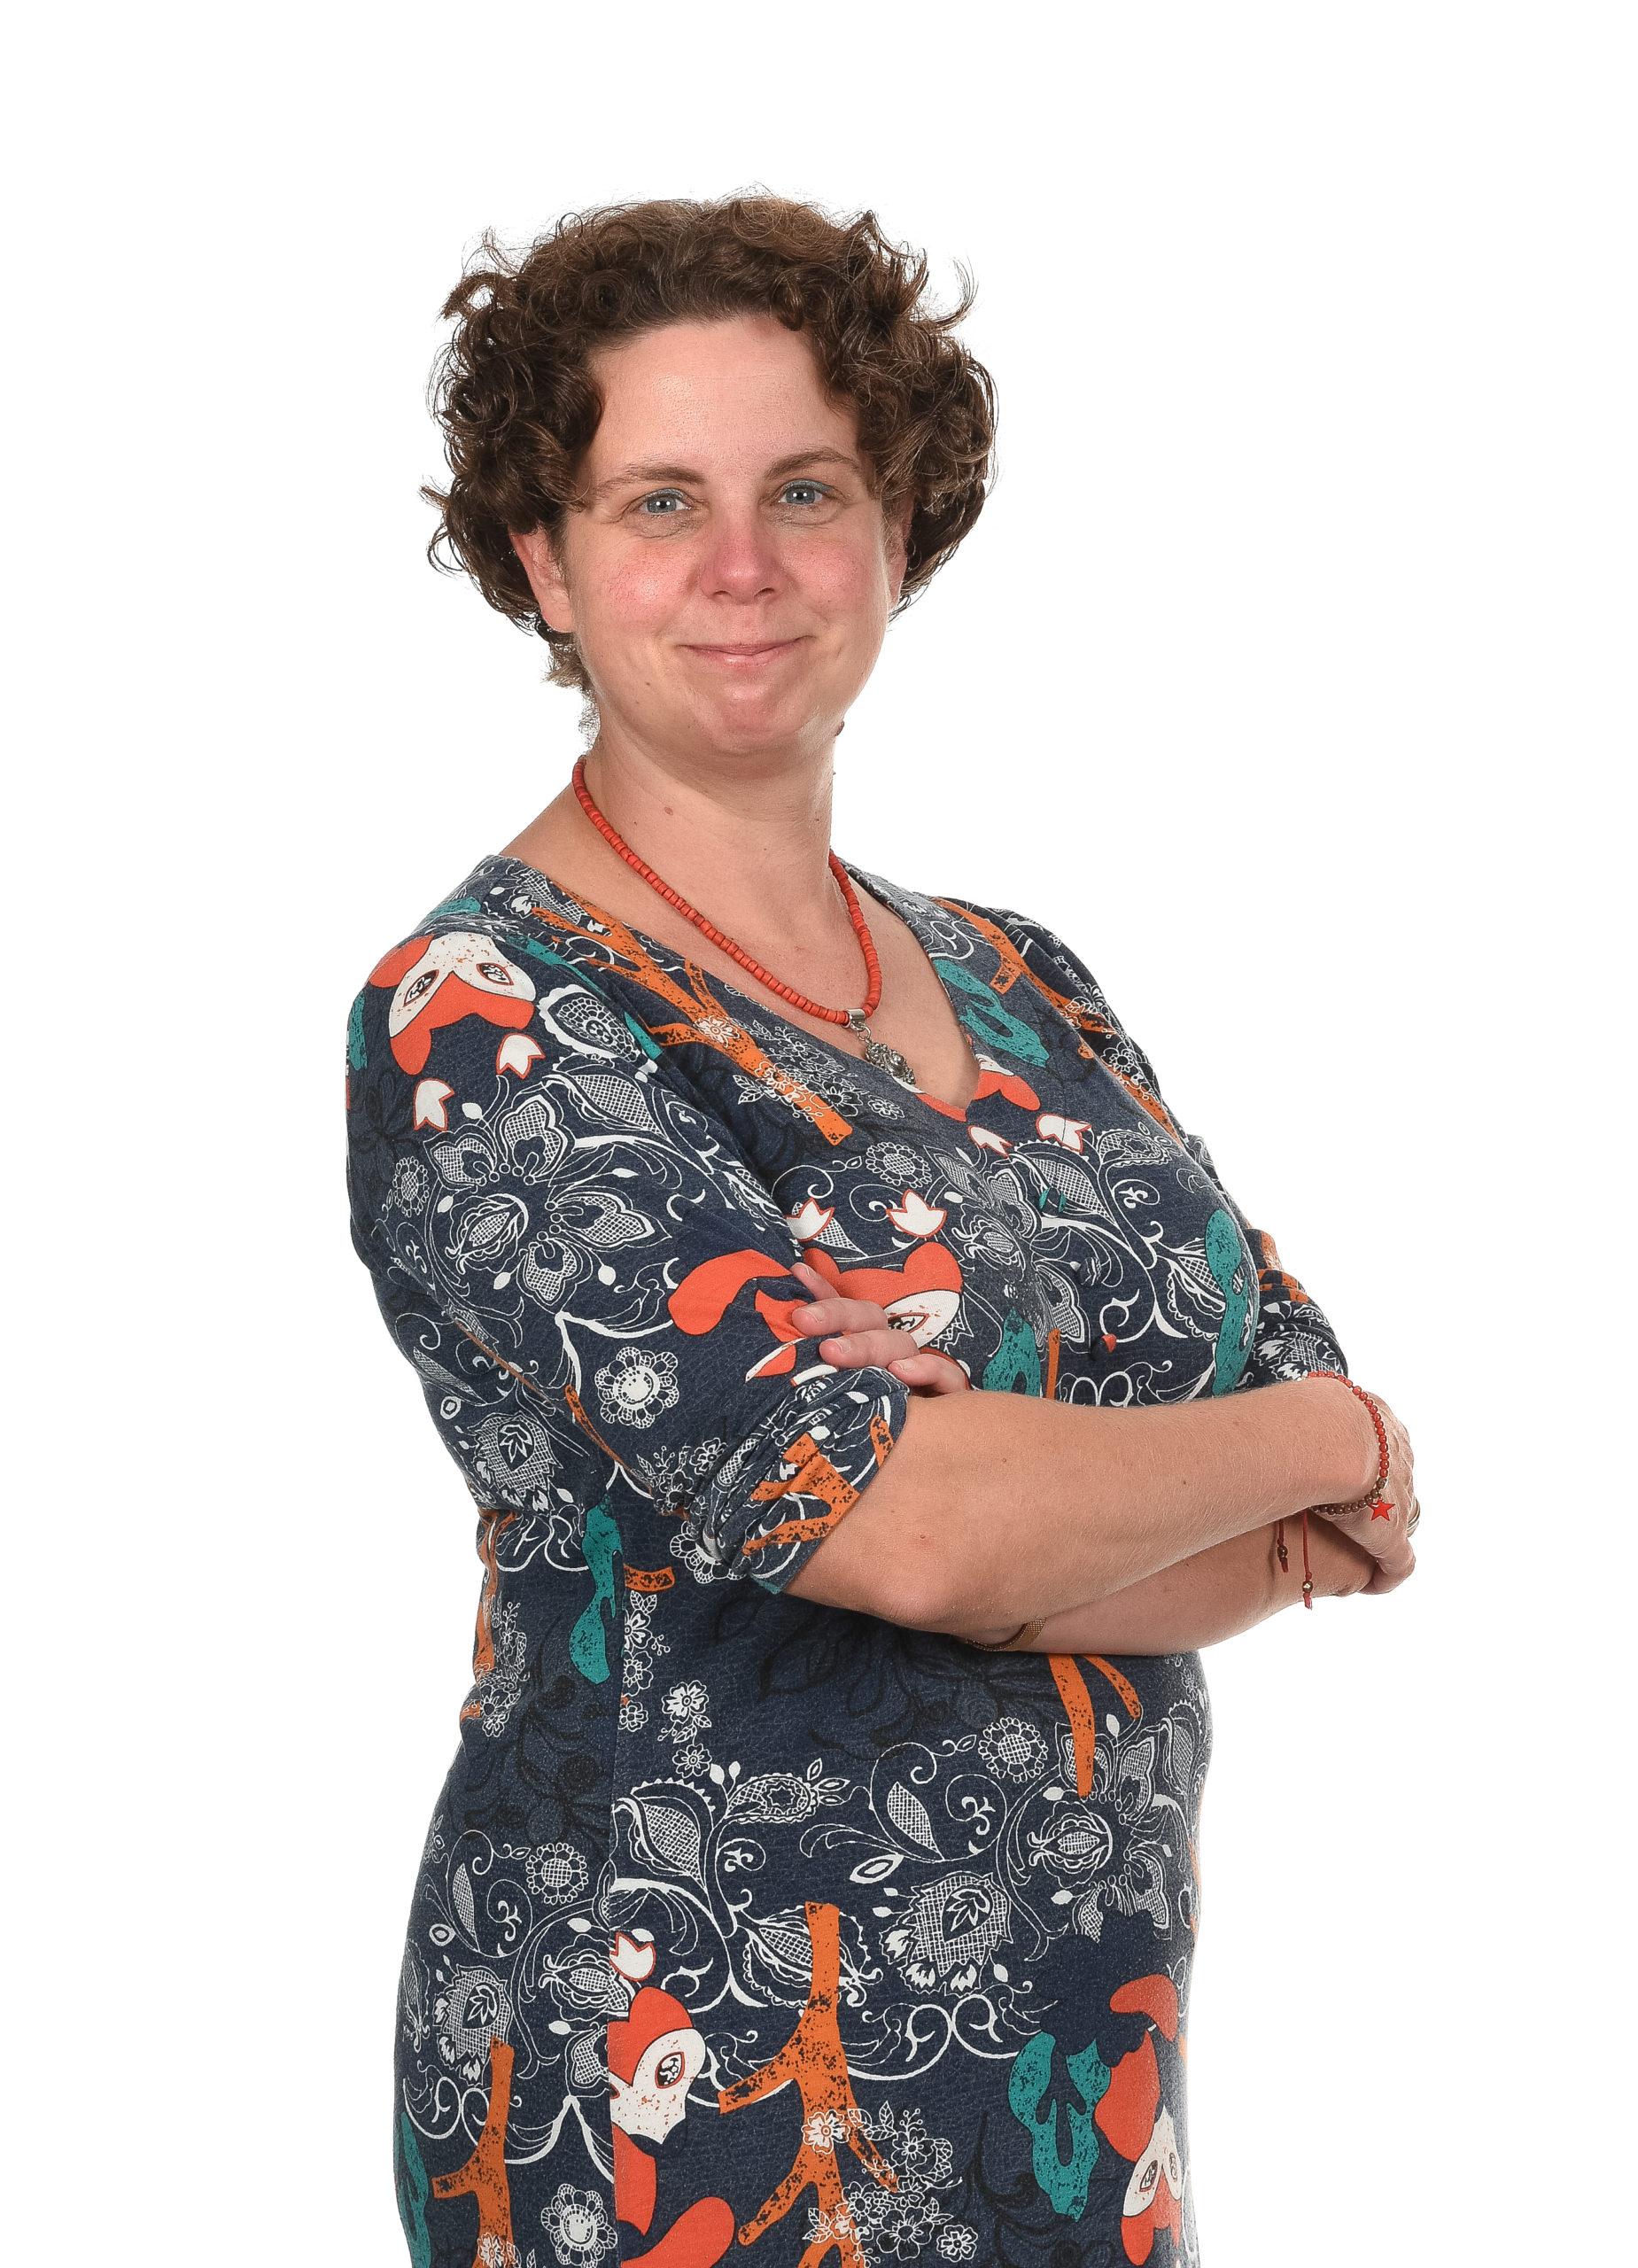 Charlotte Giesbers